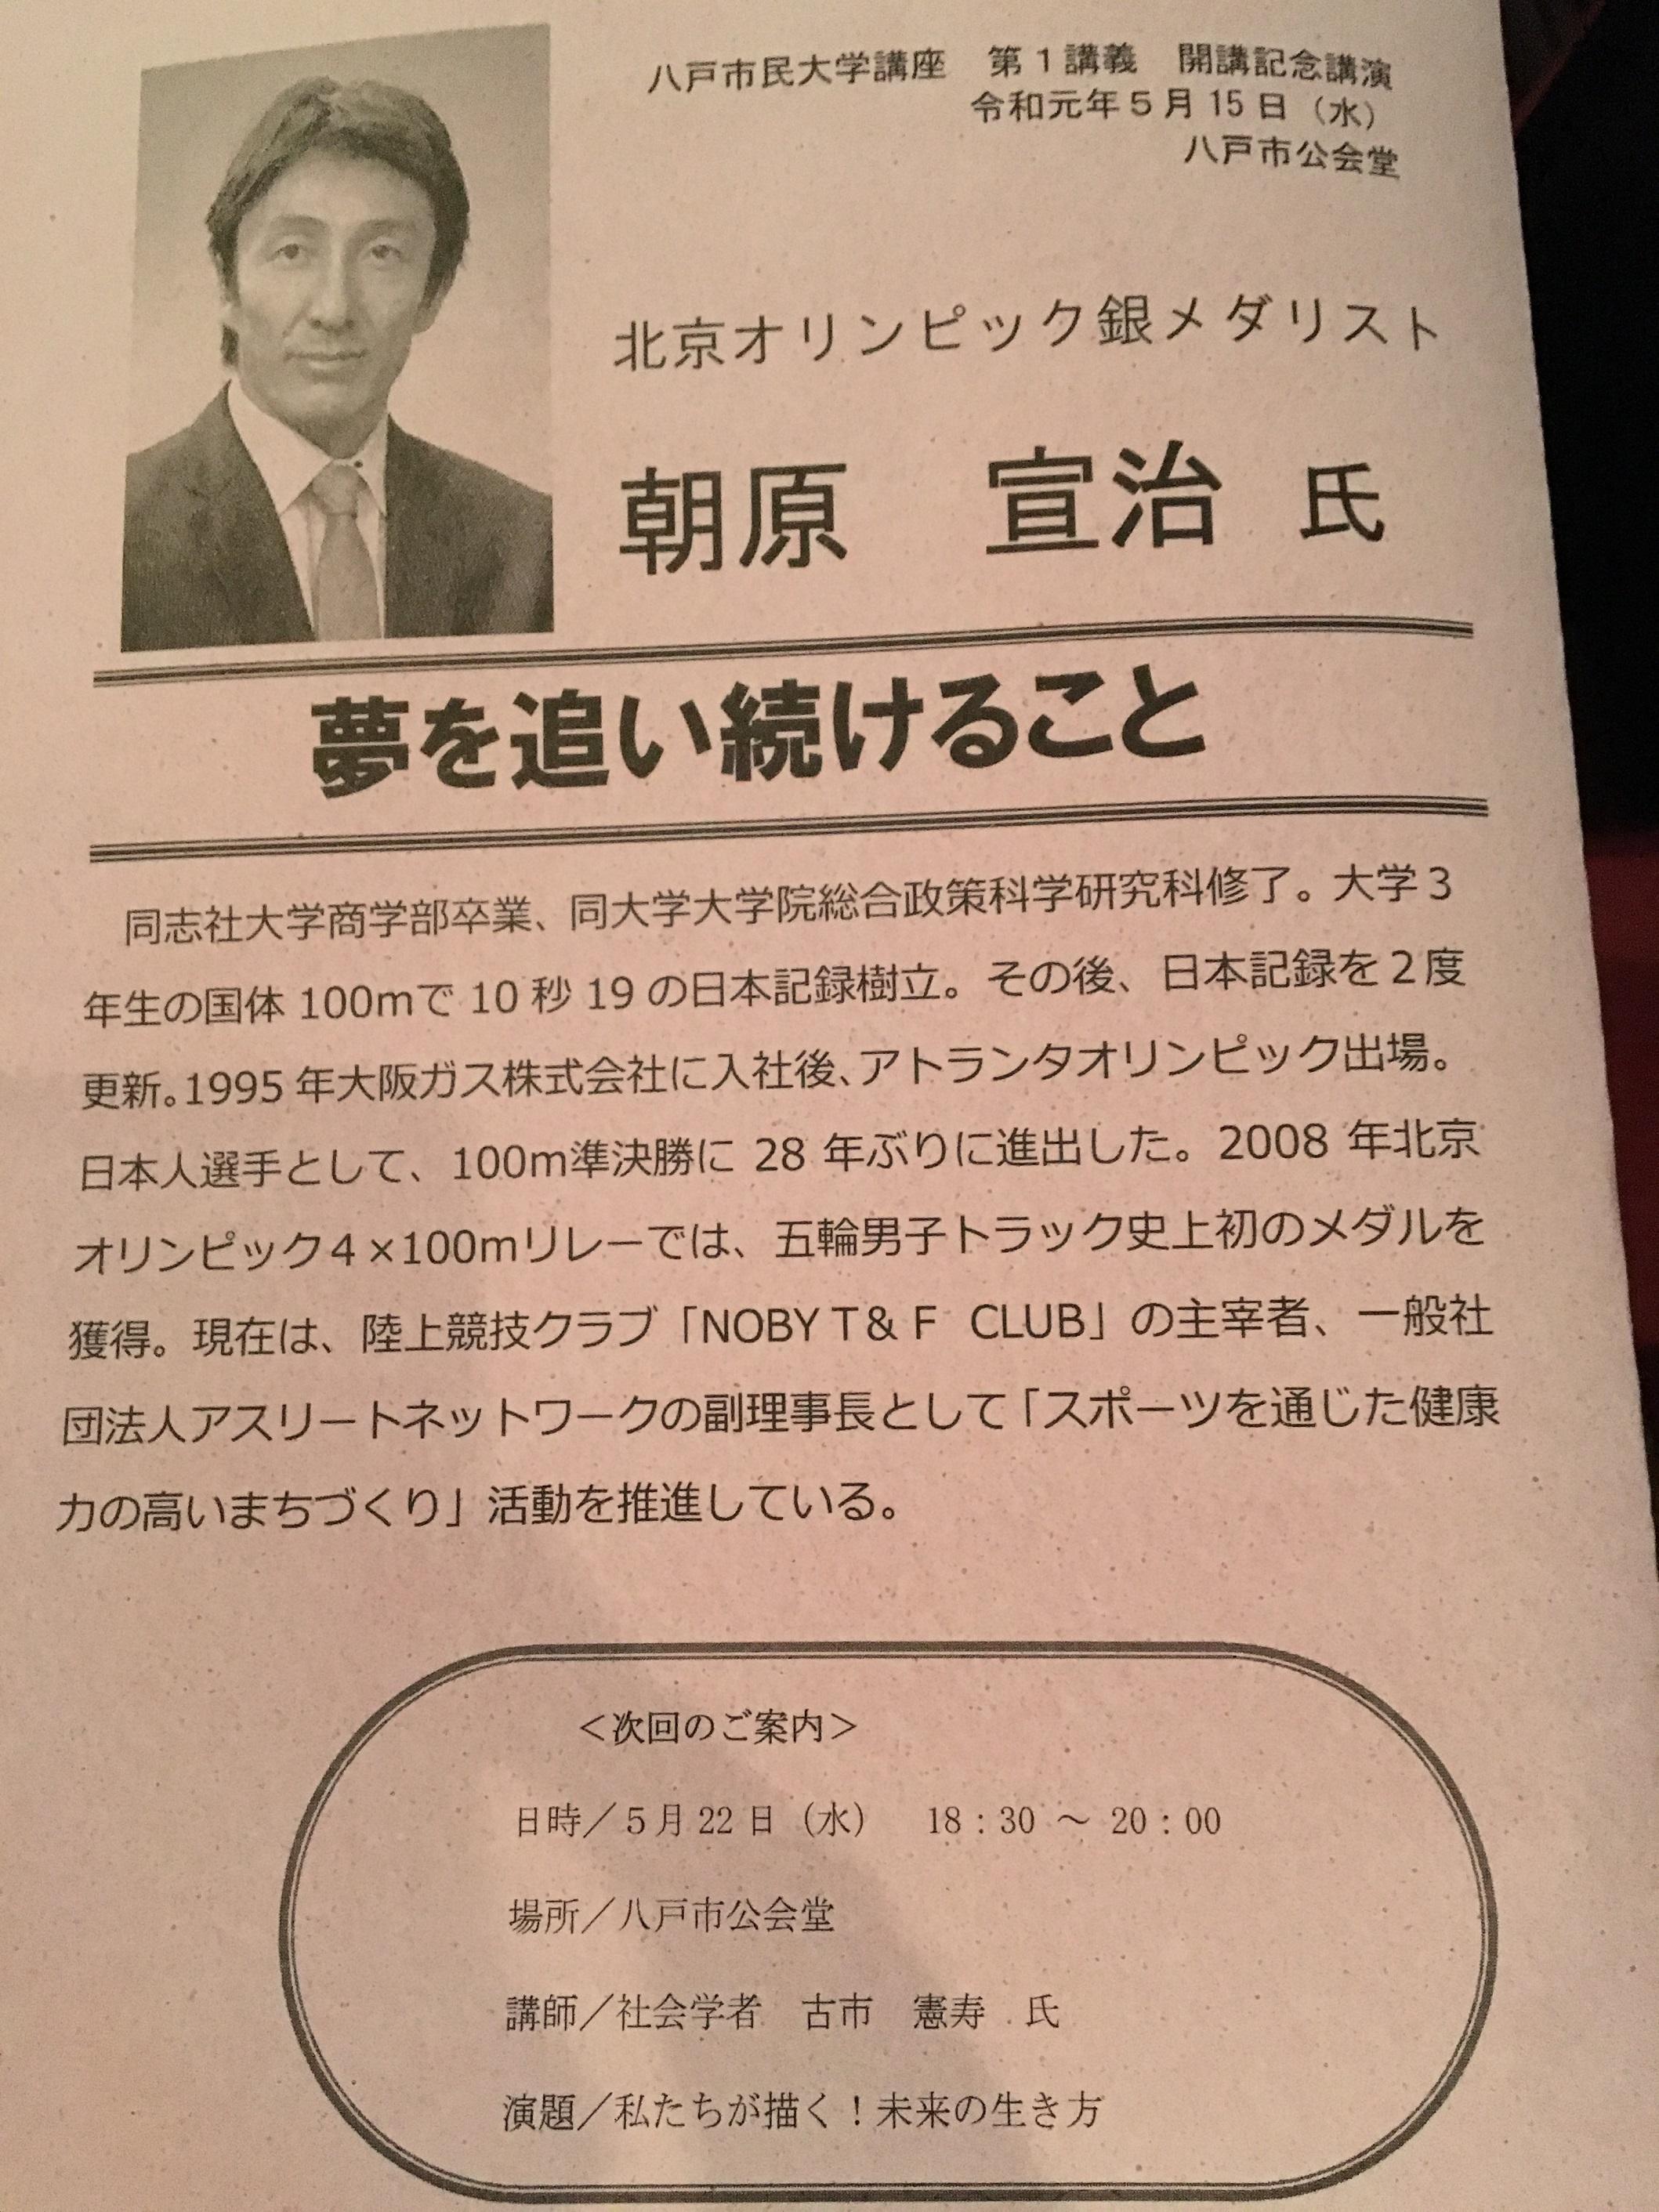 朝原宣治さんの講演会へ行ってきました。